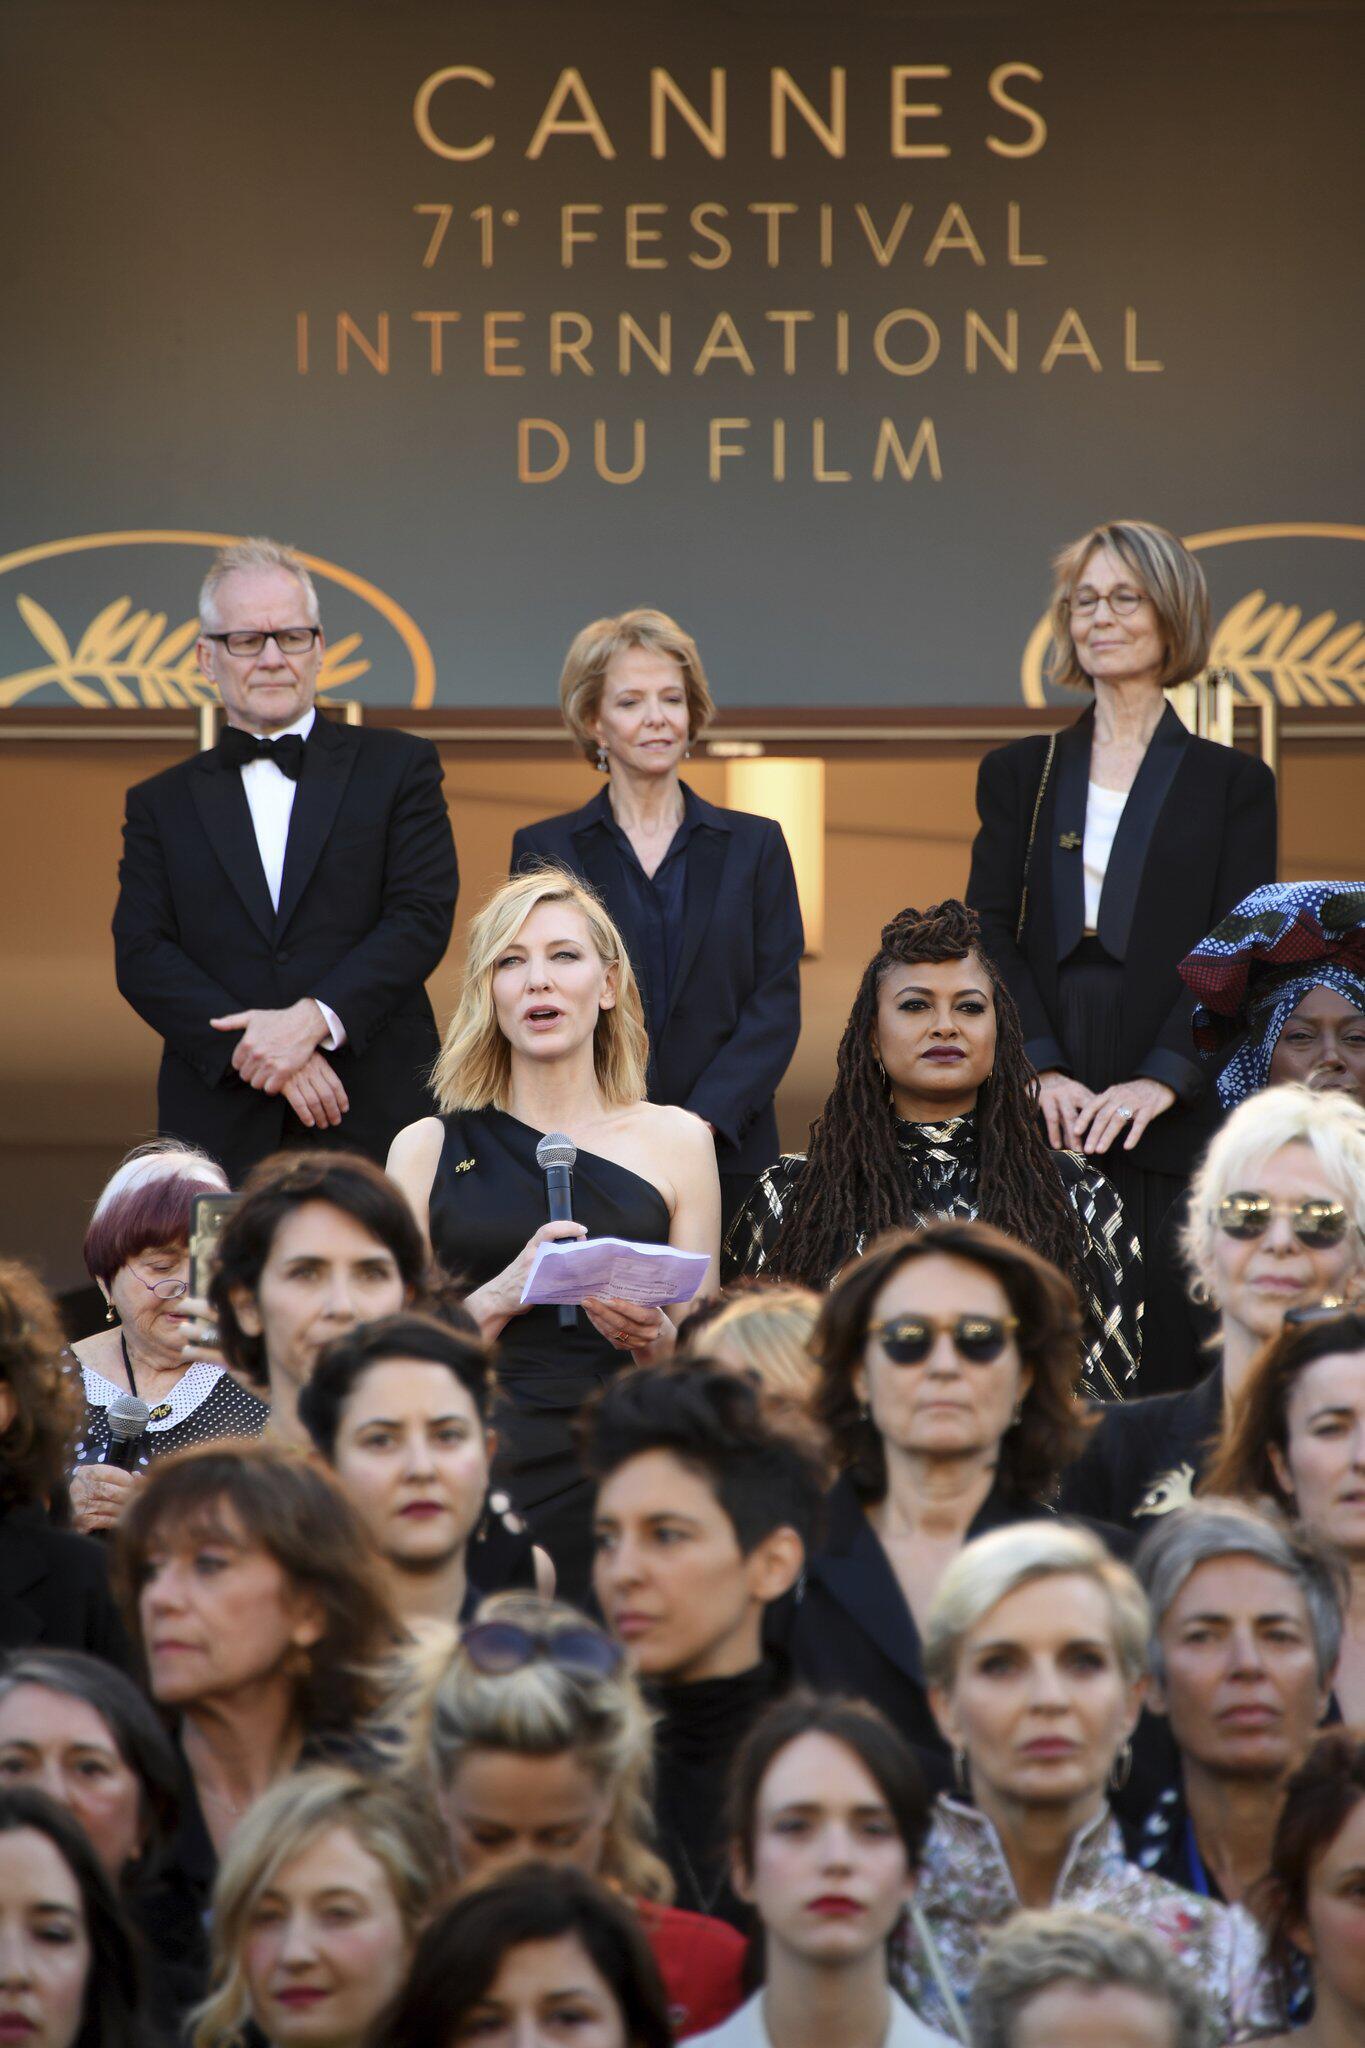 Bild zu 71. Filmfestival in Cannes - MeToo